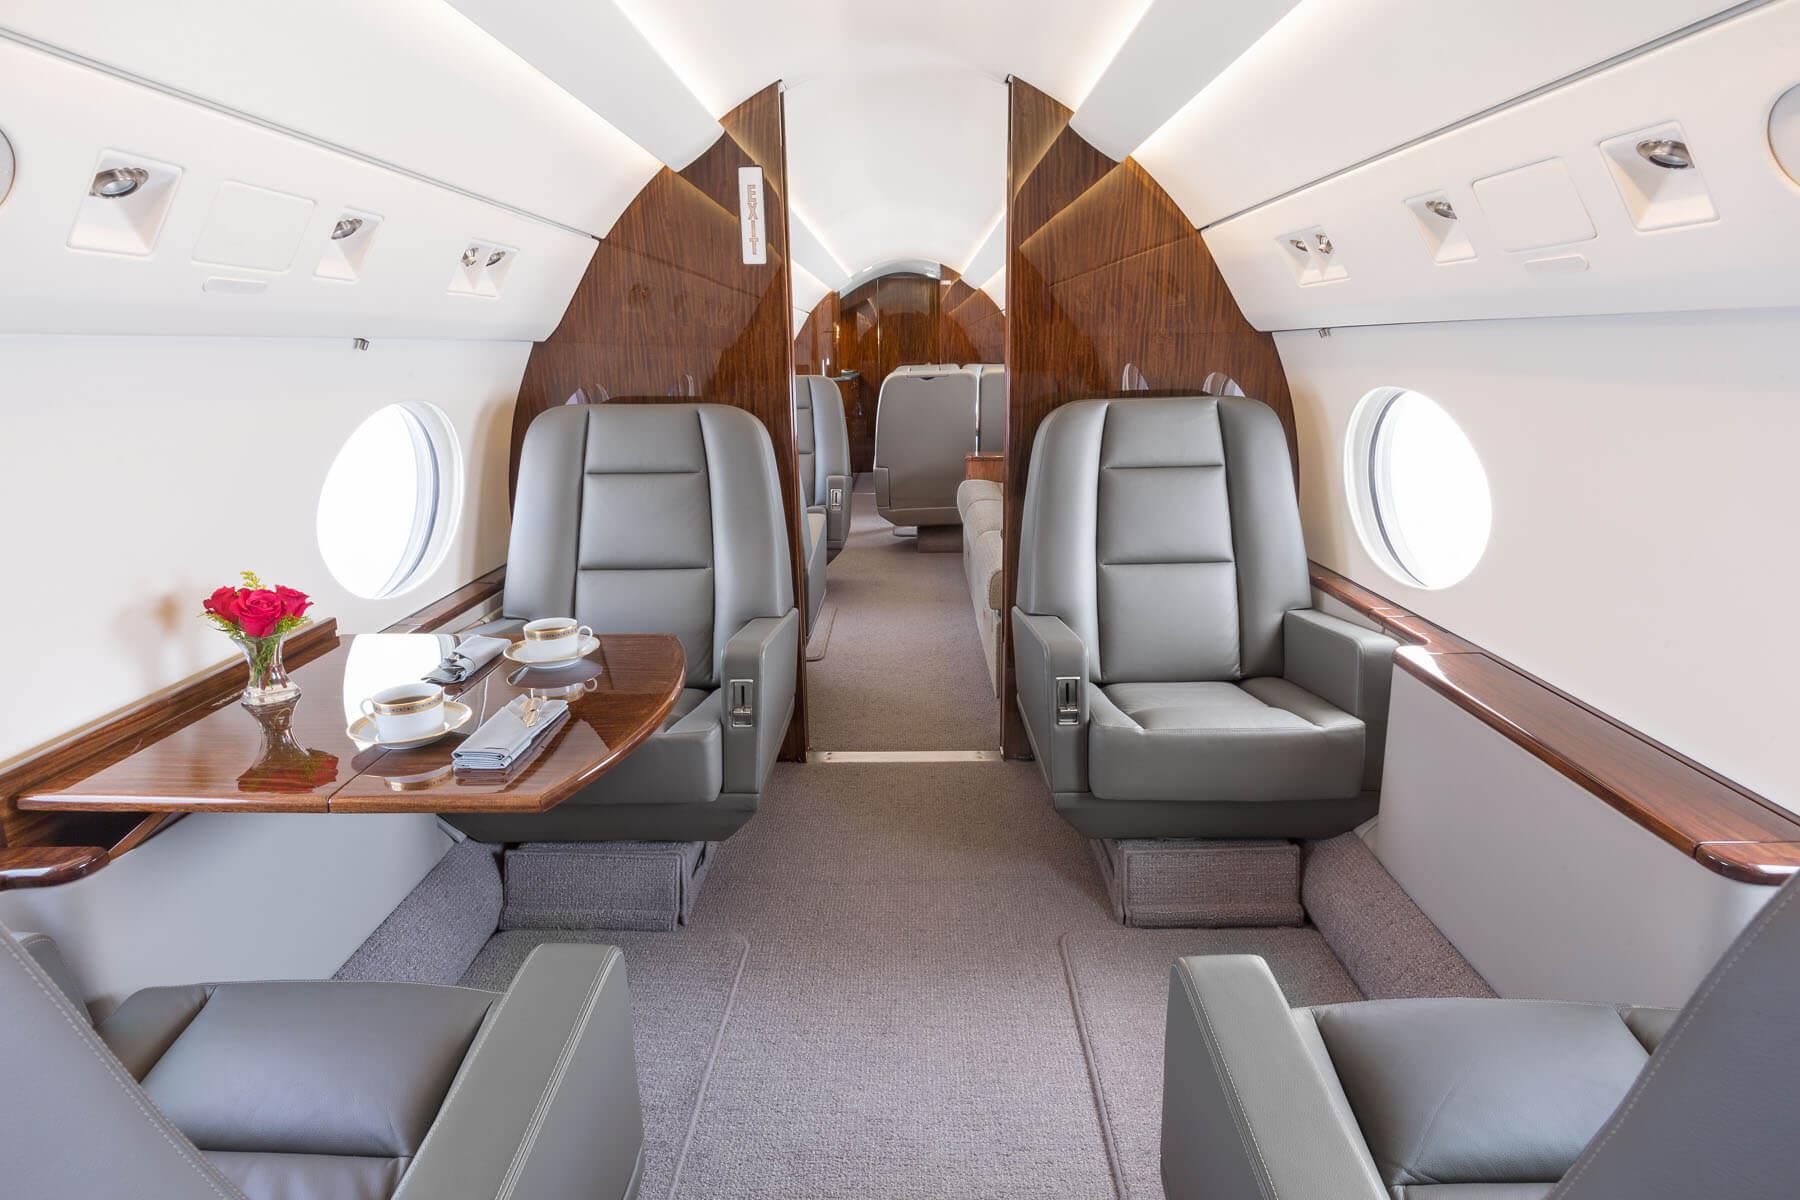 Luxury Interior Gulfstream G-IVSP